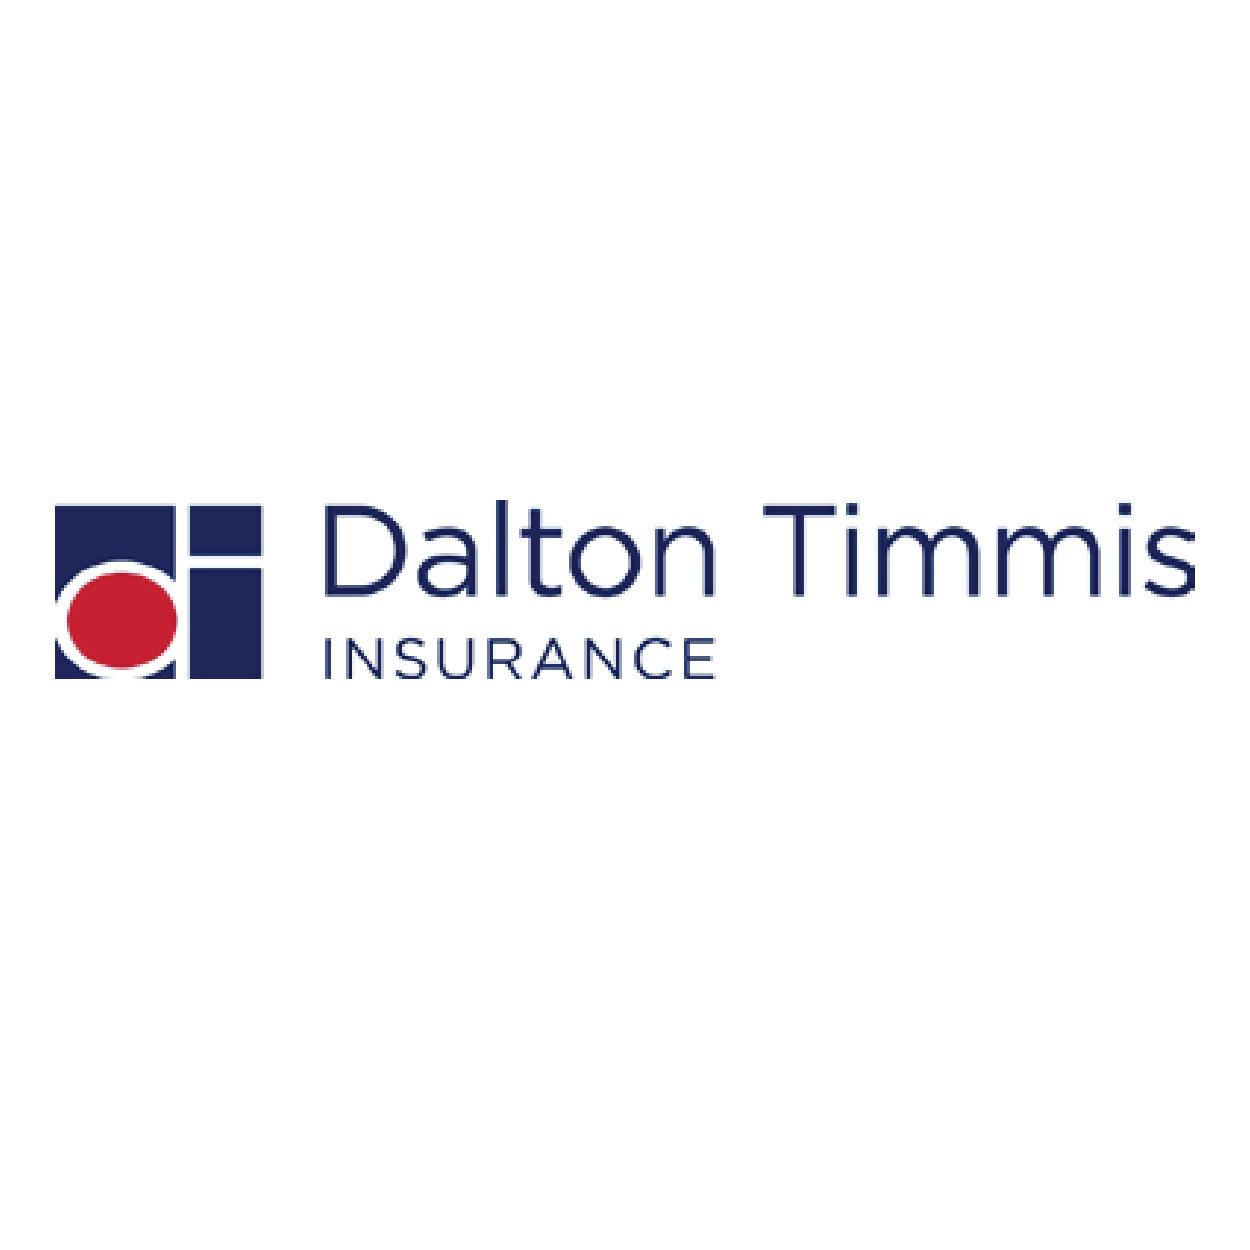 Dalton Timmis-01.png